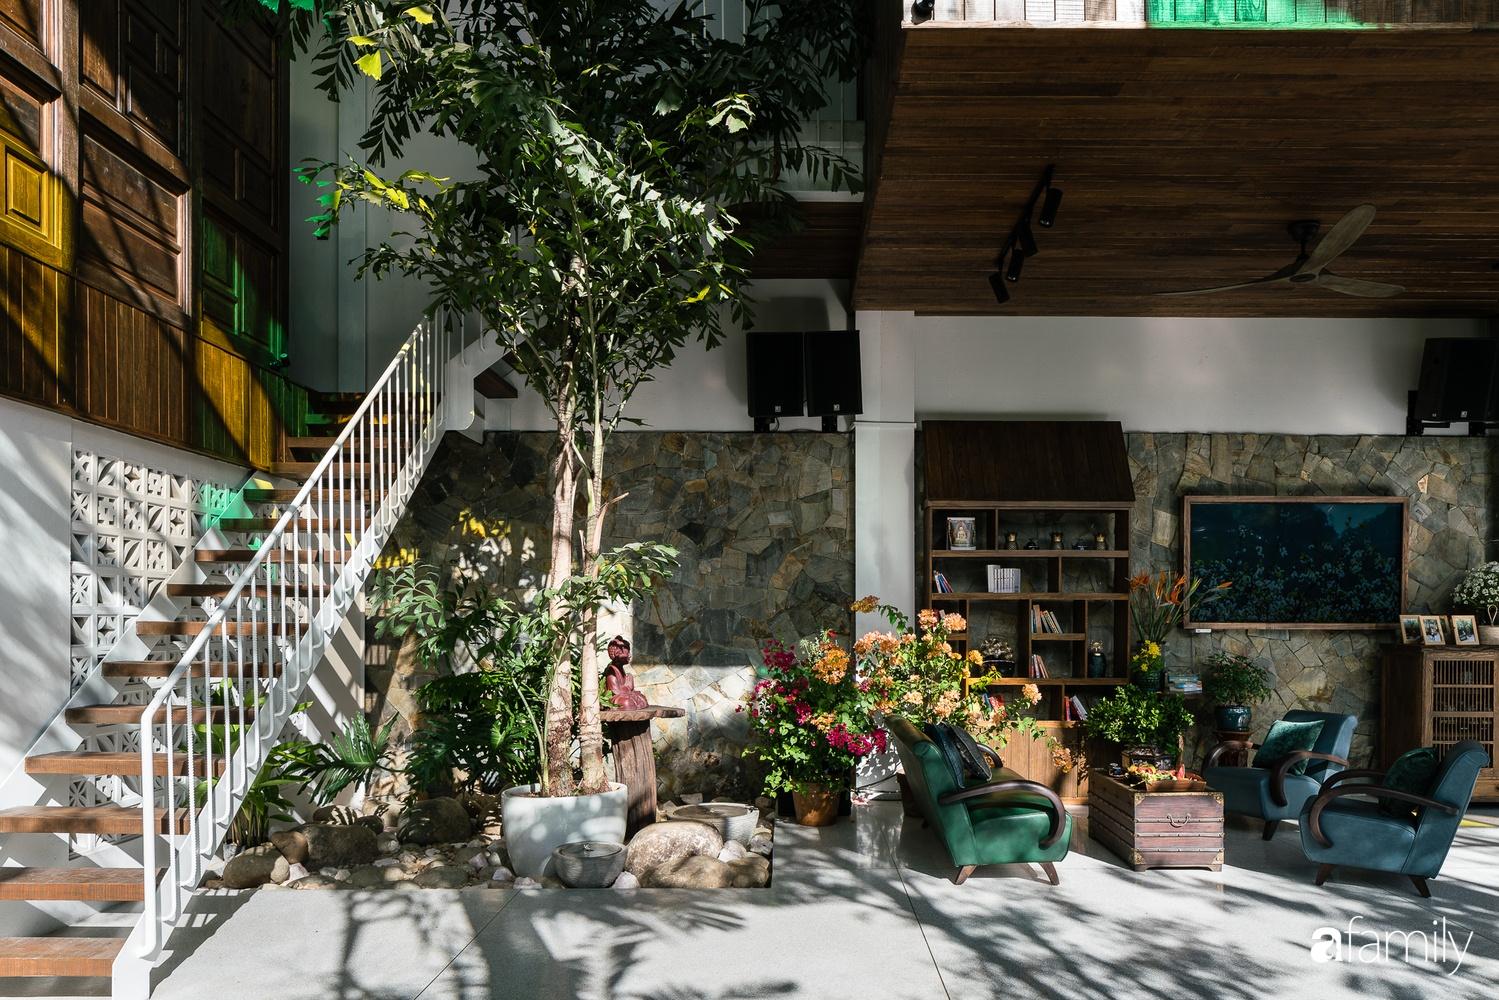 Ngôi nhà gỗ với thiết kế giống tổ chim đẹp như resort nghỉ dưỡng đậm chất thơ trong lòng Sài Gòn - Ảnh 7.